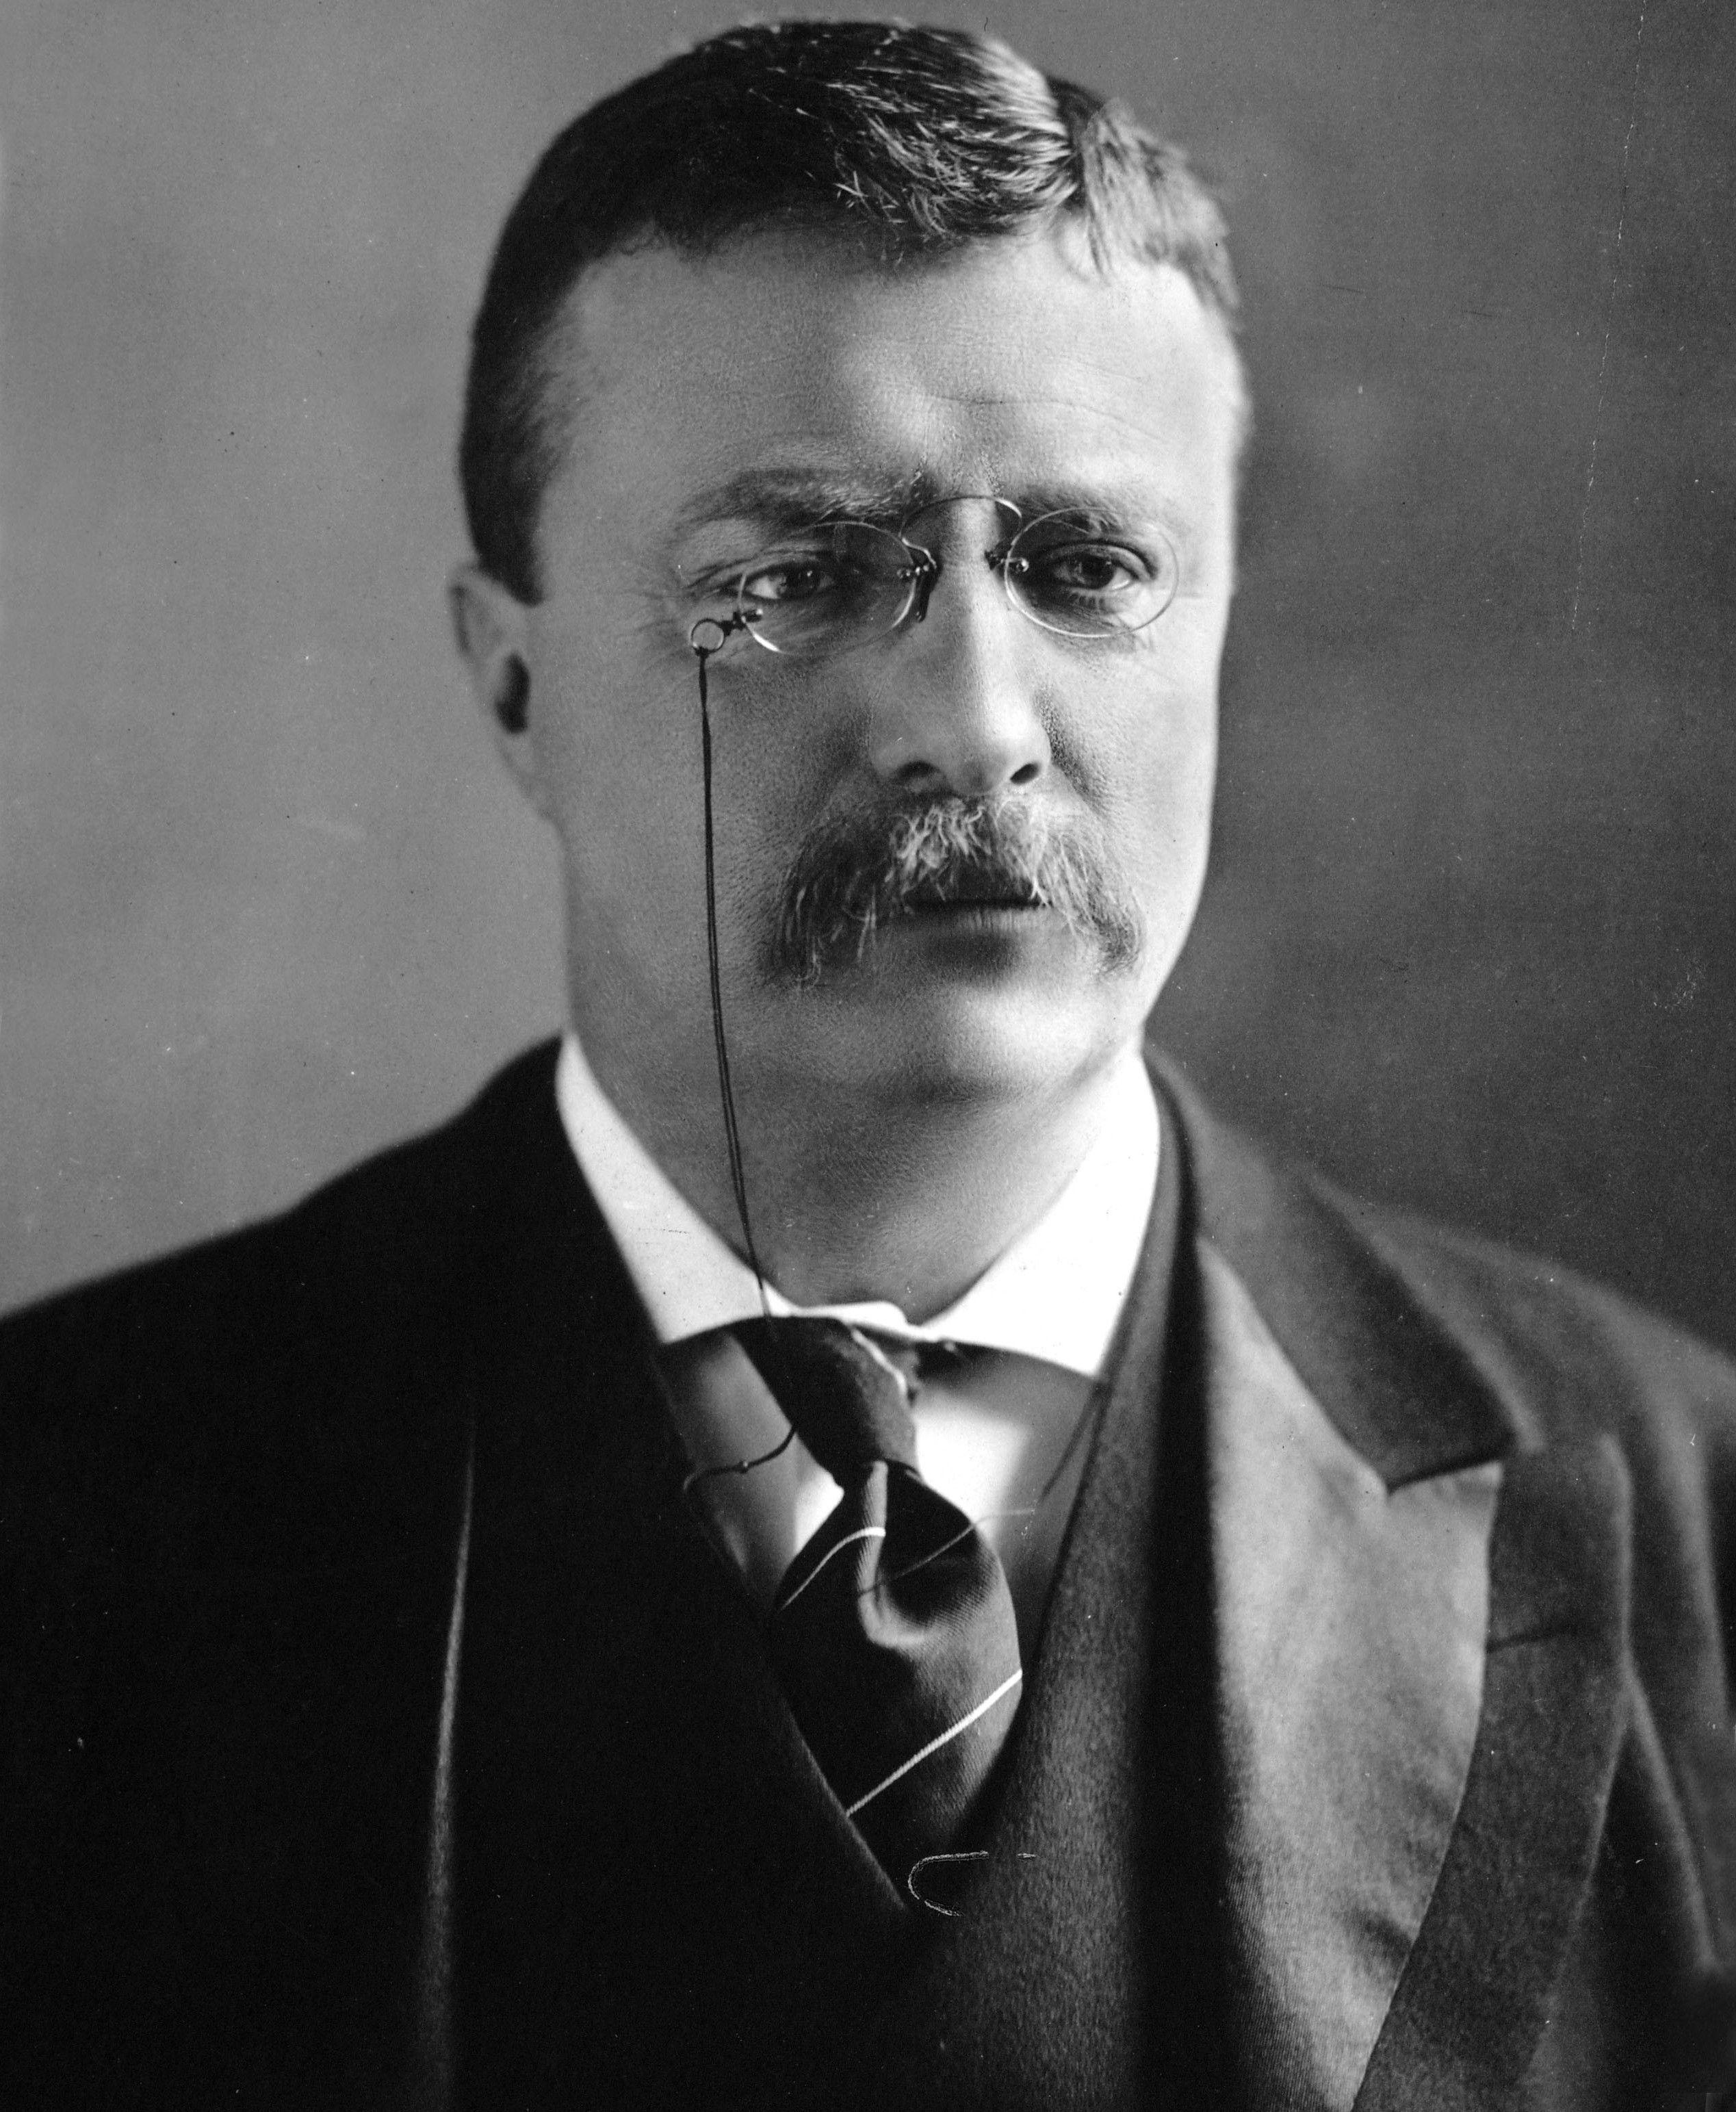 Theodore Roosevelt fue presidente de Estados Unidos desde 1901 hasta 1909. Crédito: Wikimedia Commons. Autor, M.P.Rice.